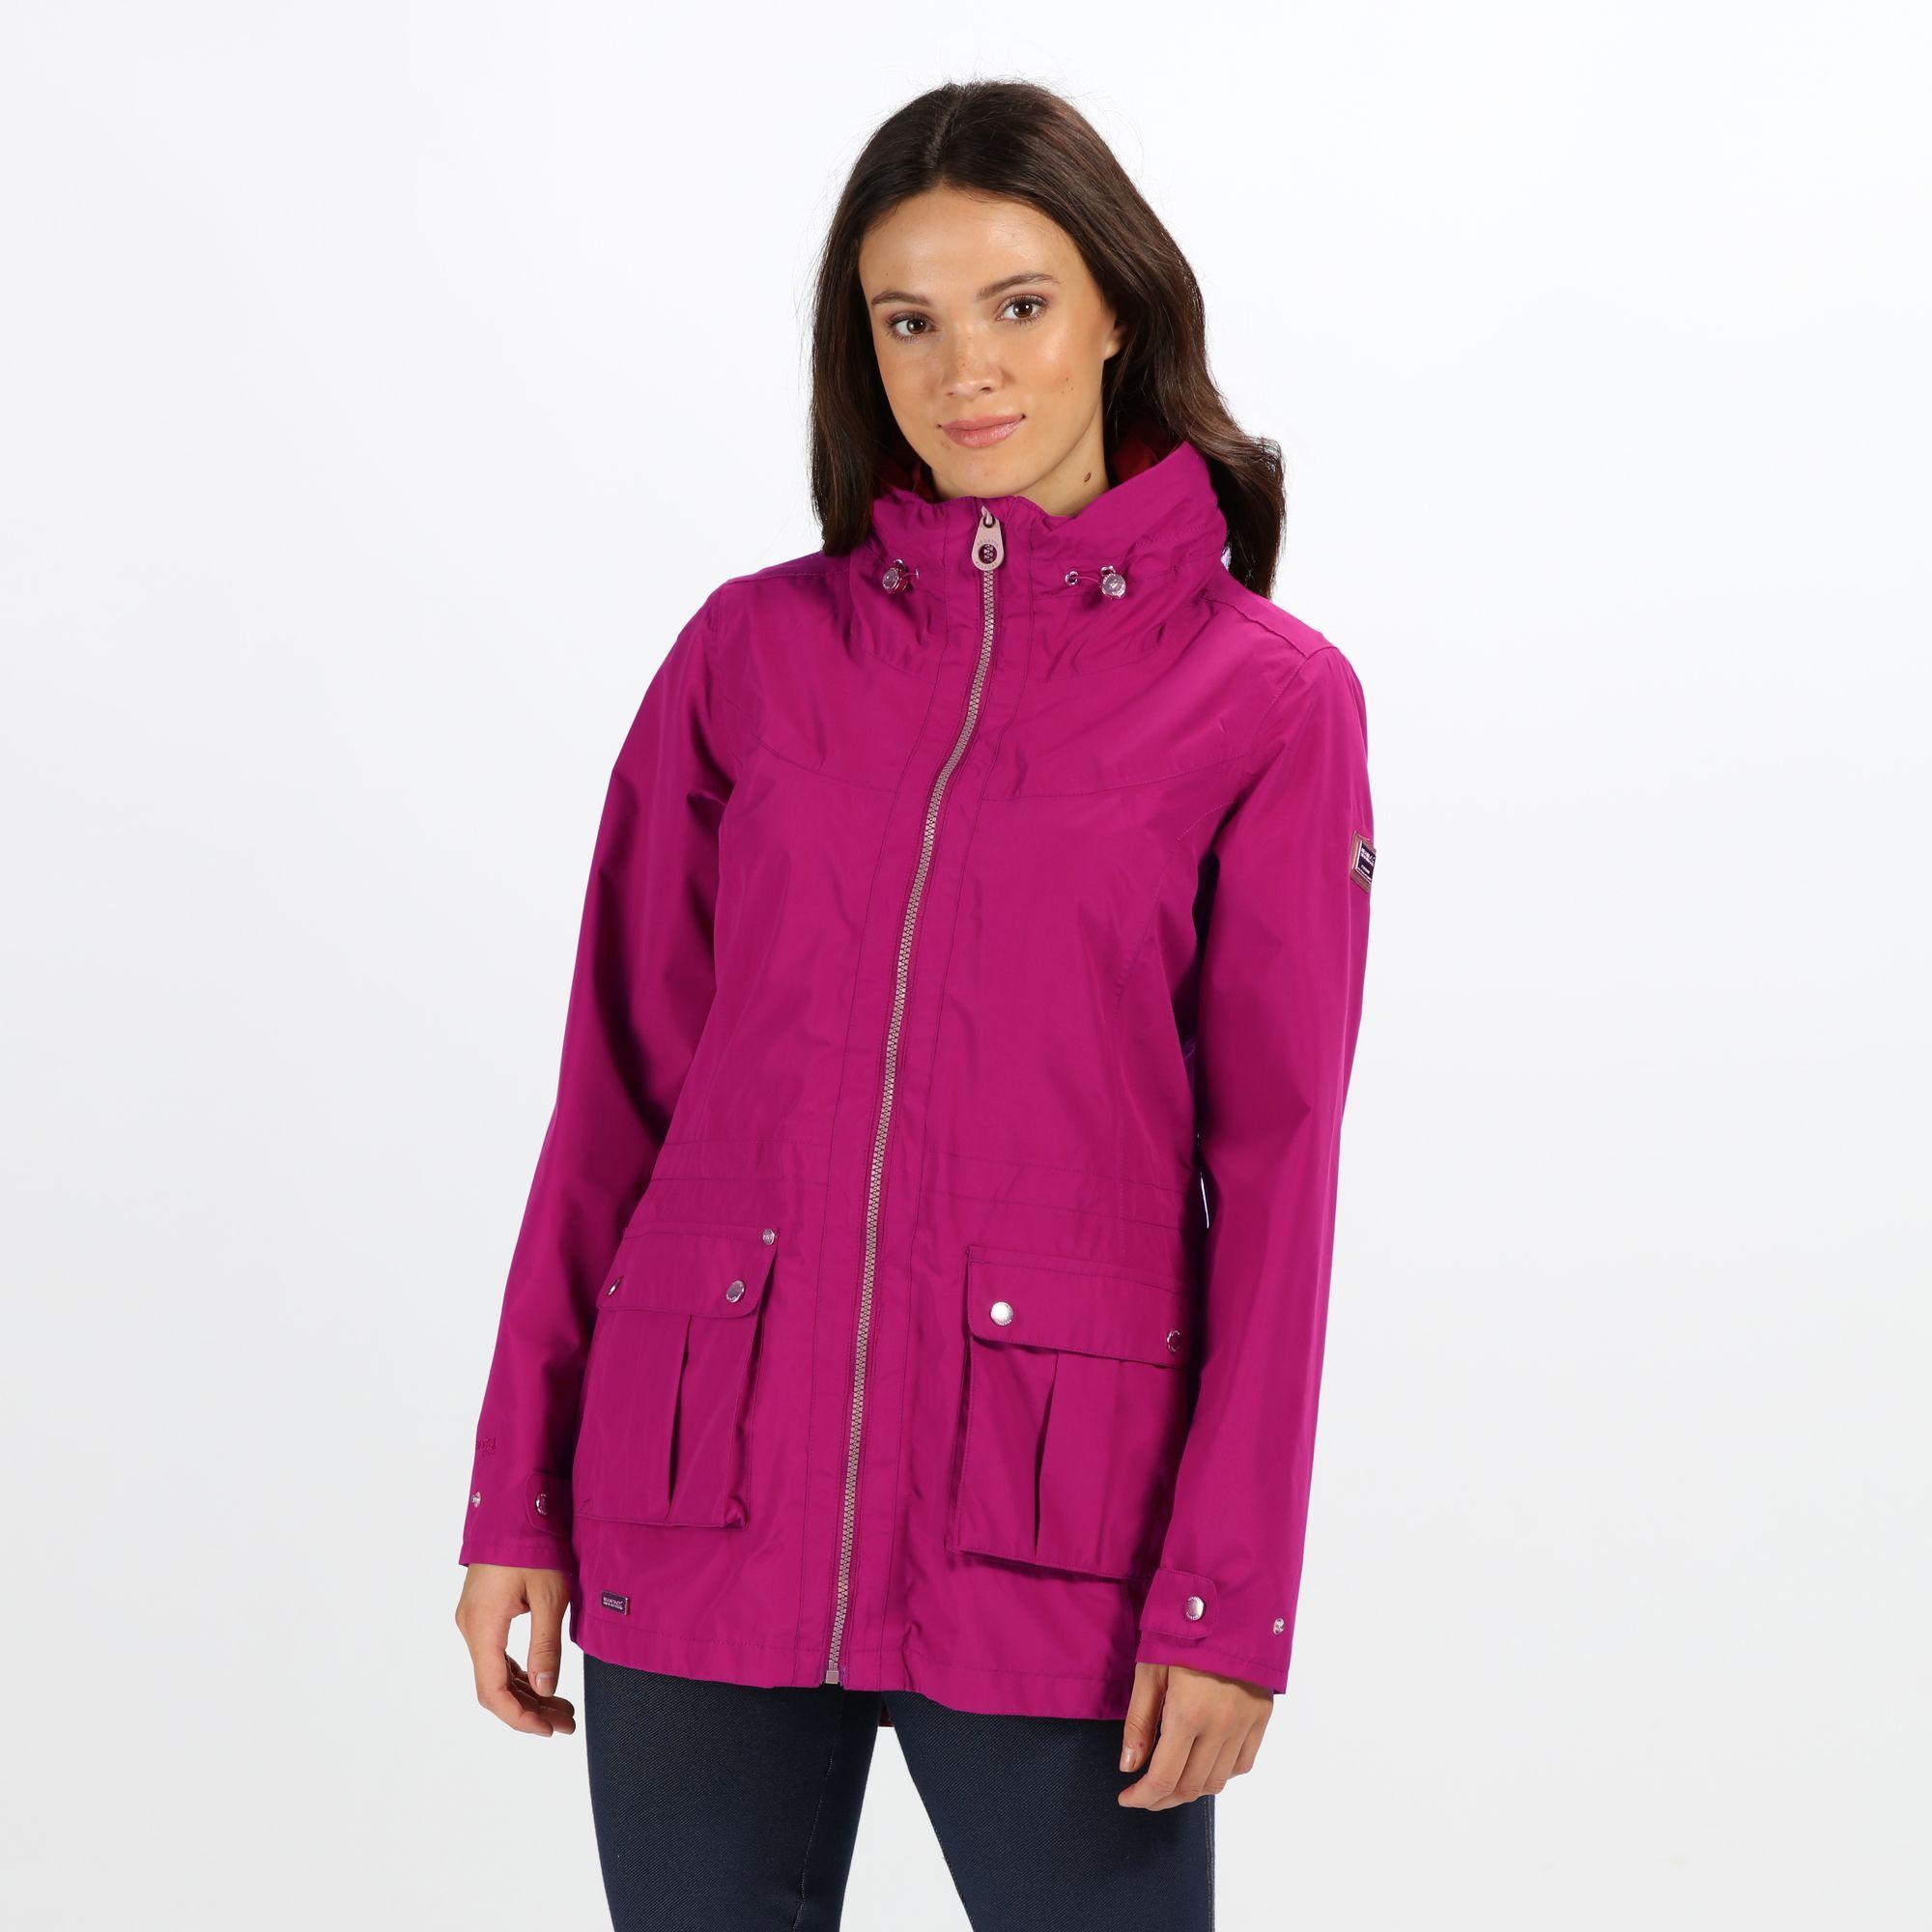 b2773b2a49ac regatta-womens-nakotah-lightweight-waterproof-jacket-with-concealed-hood-beaujolais.jpg